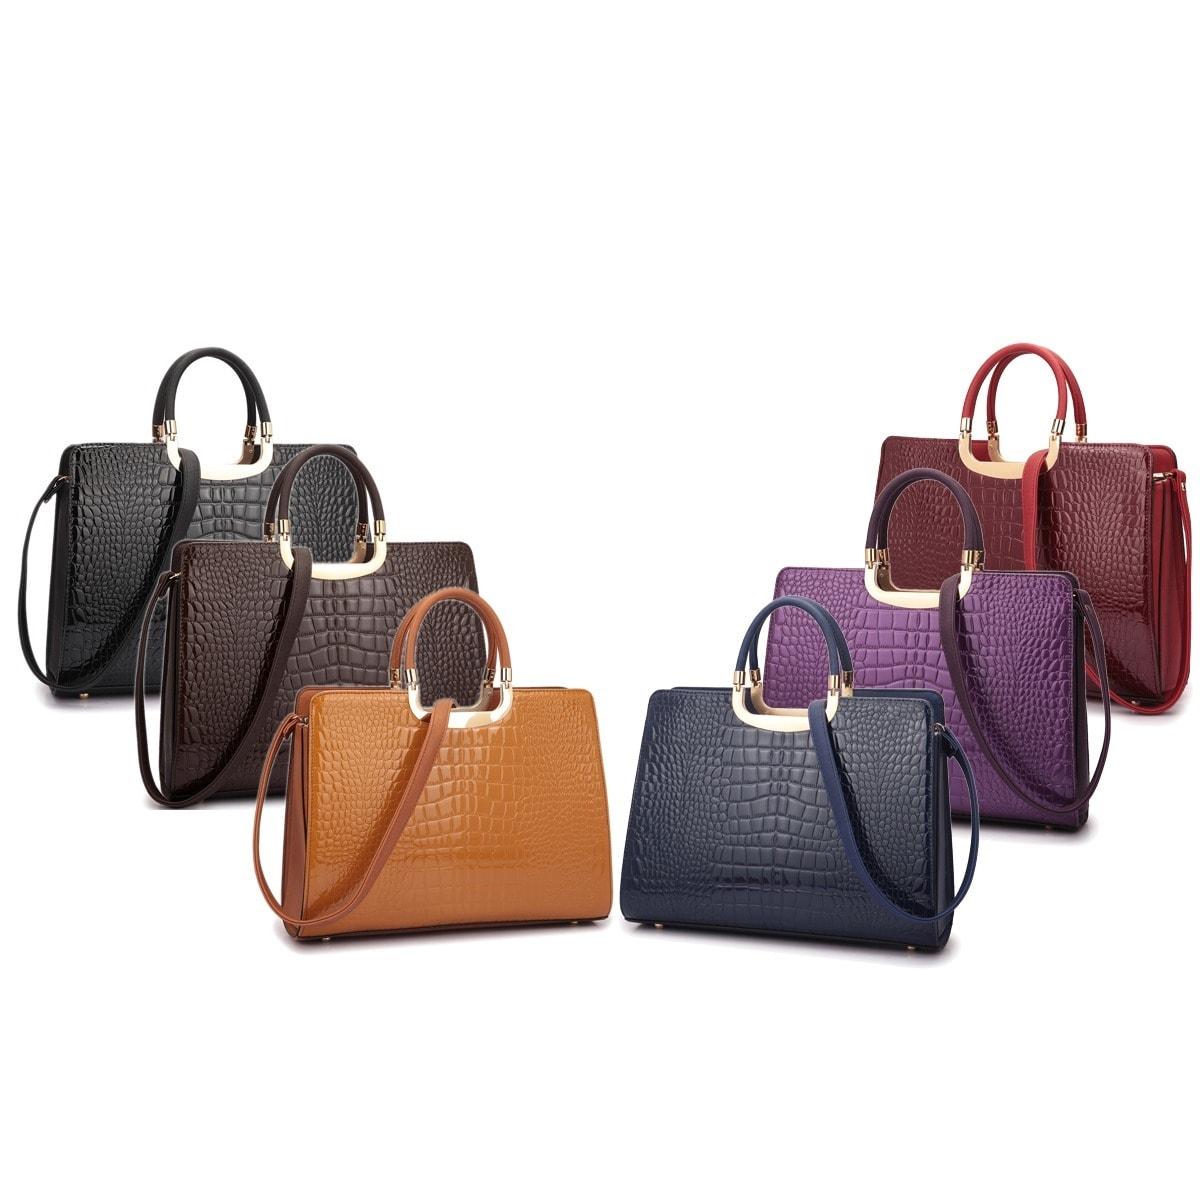 Dasein Patent Croco Satchel Briefcase Handbag With Bonus Shoulder Strap Free Shipping Today 18476363